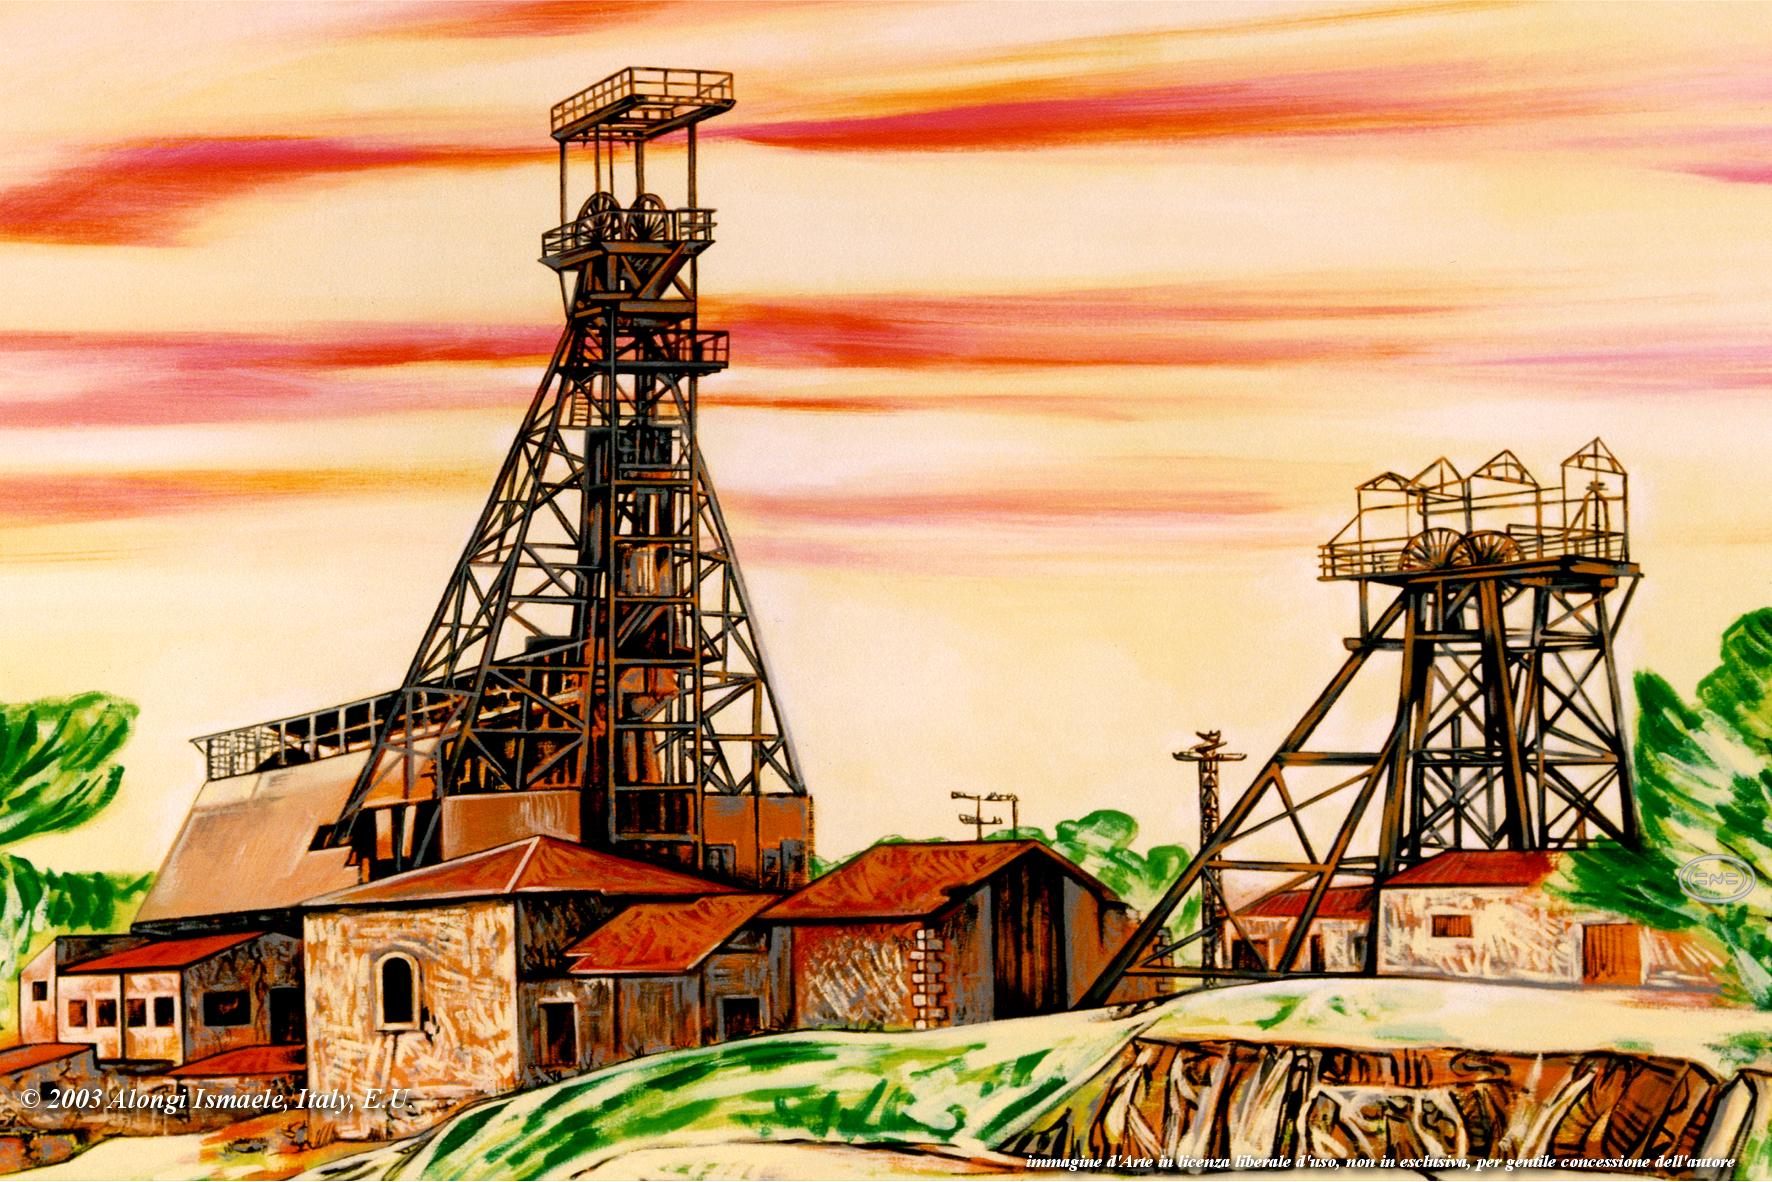 Miniera Trabia Tallarita di Sommatino e Riesi, 2003, Ismaele Alongi, cm 70 x 100, acrilico su tela